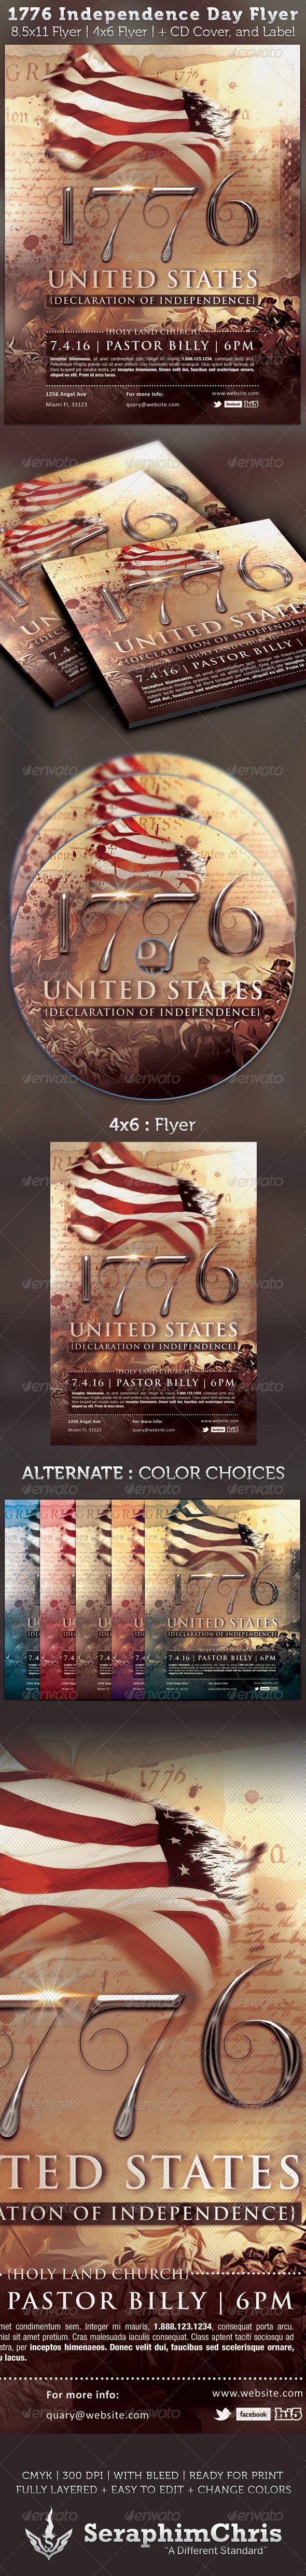 Independence Day Flyer  Cd Artwork Template  Cd Artwork